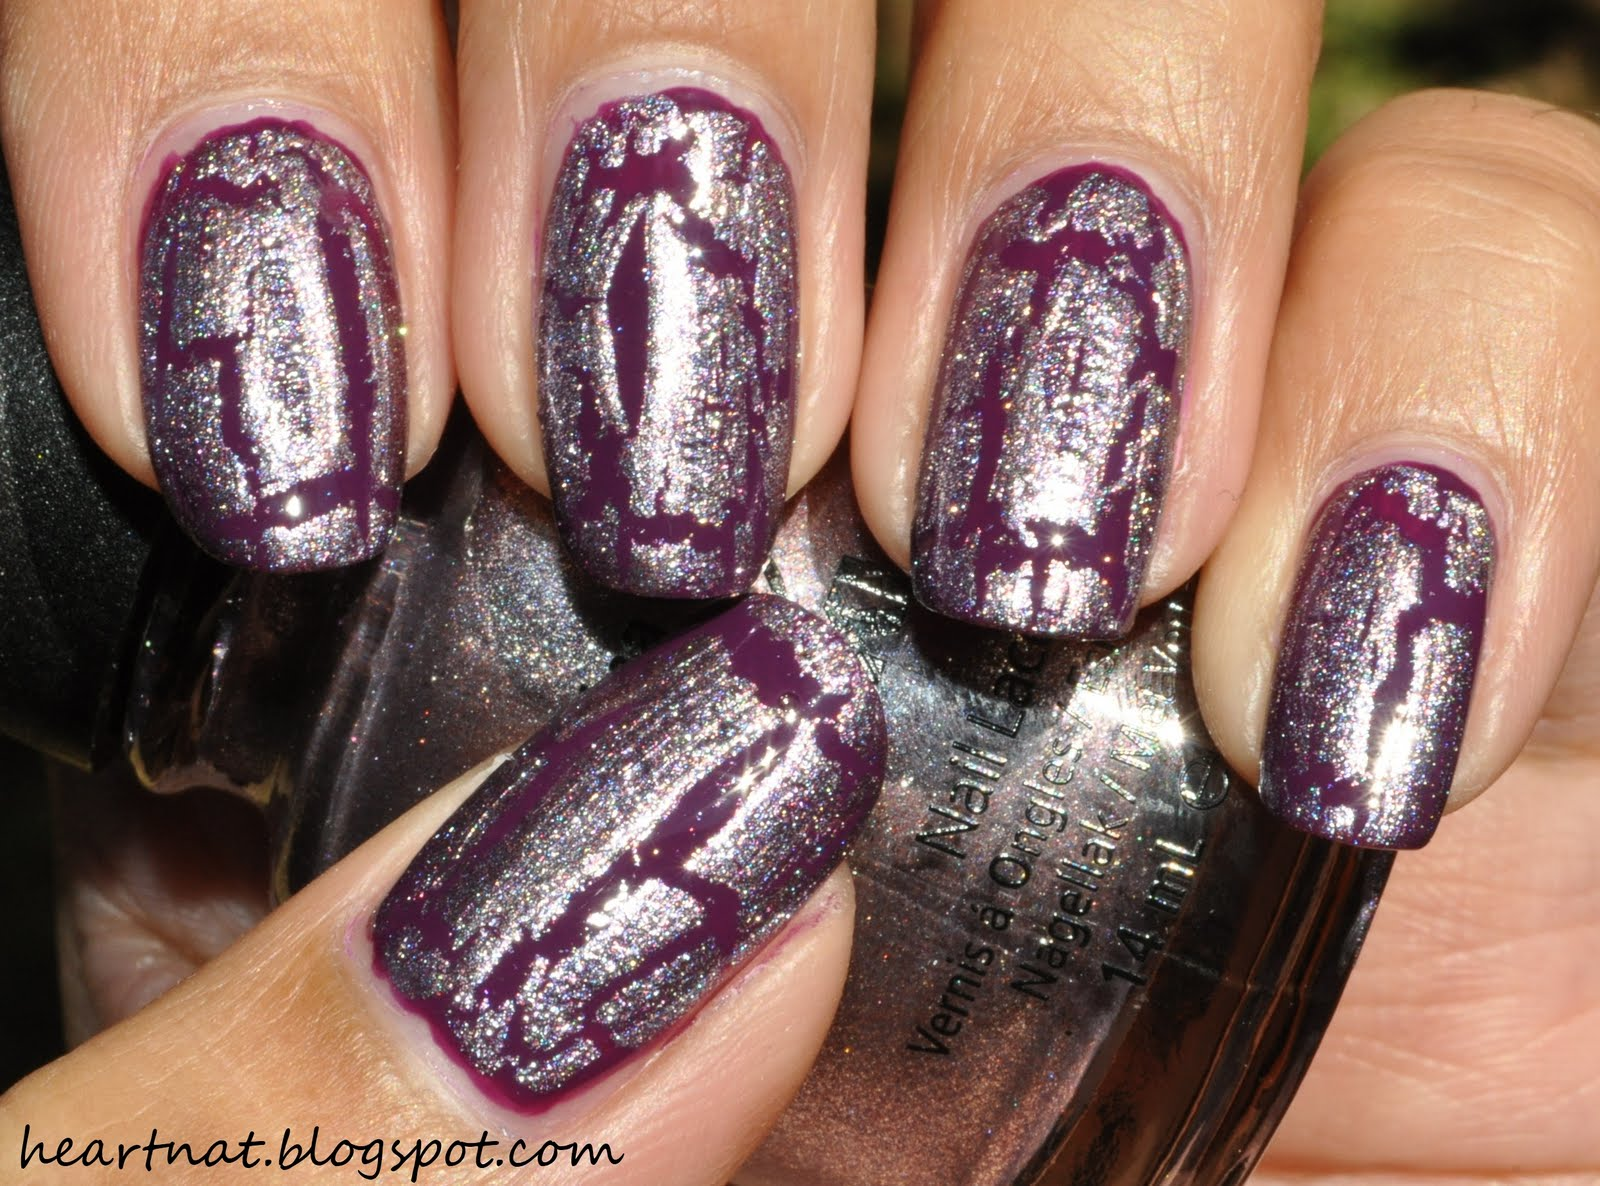 Фото ногтей с эффектом кракелюра